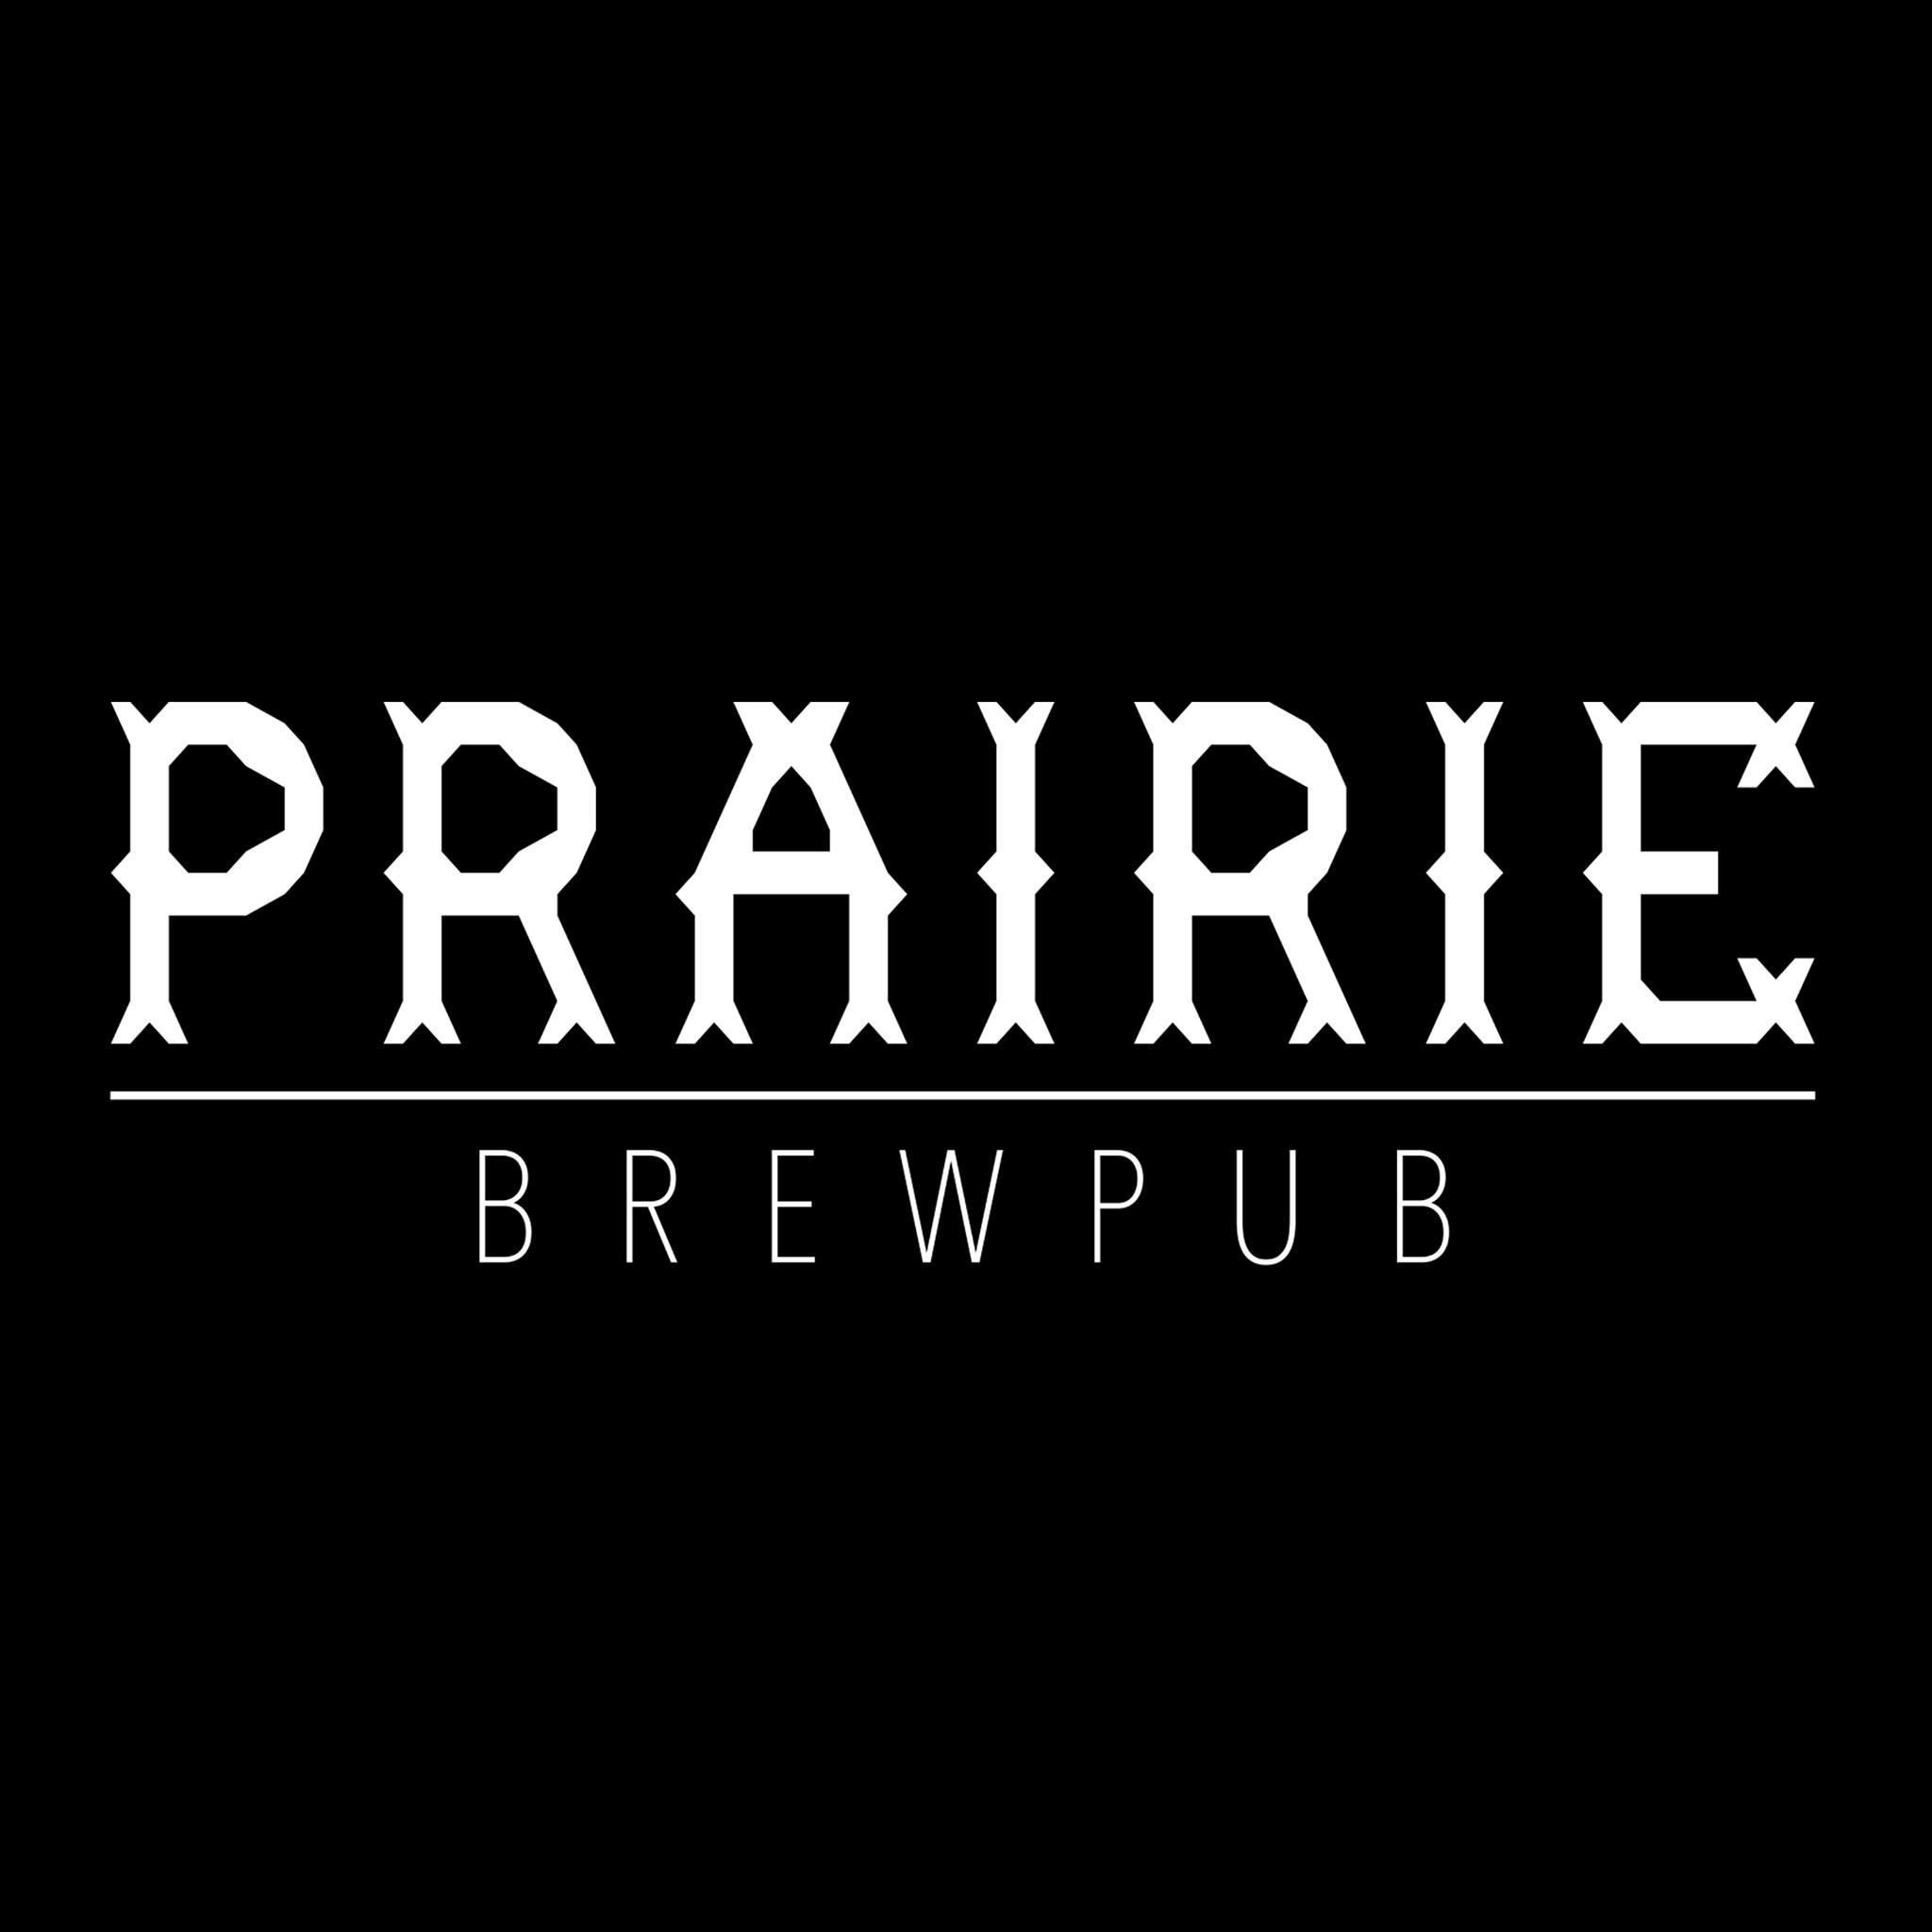 Prairie Brewpub - 223 N. Main St.Tulsa, OK 74103Brewpub Hours:Sun 10 am-8 pmMon 11 am-11 pmTues 11 am-11 pmWed 11 am-11 pmThur 11 am-11 pmFri 11 am-1 amSat 11 am-1 am